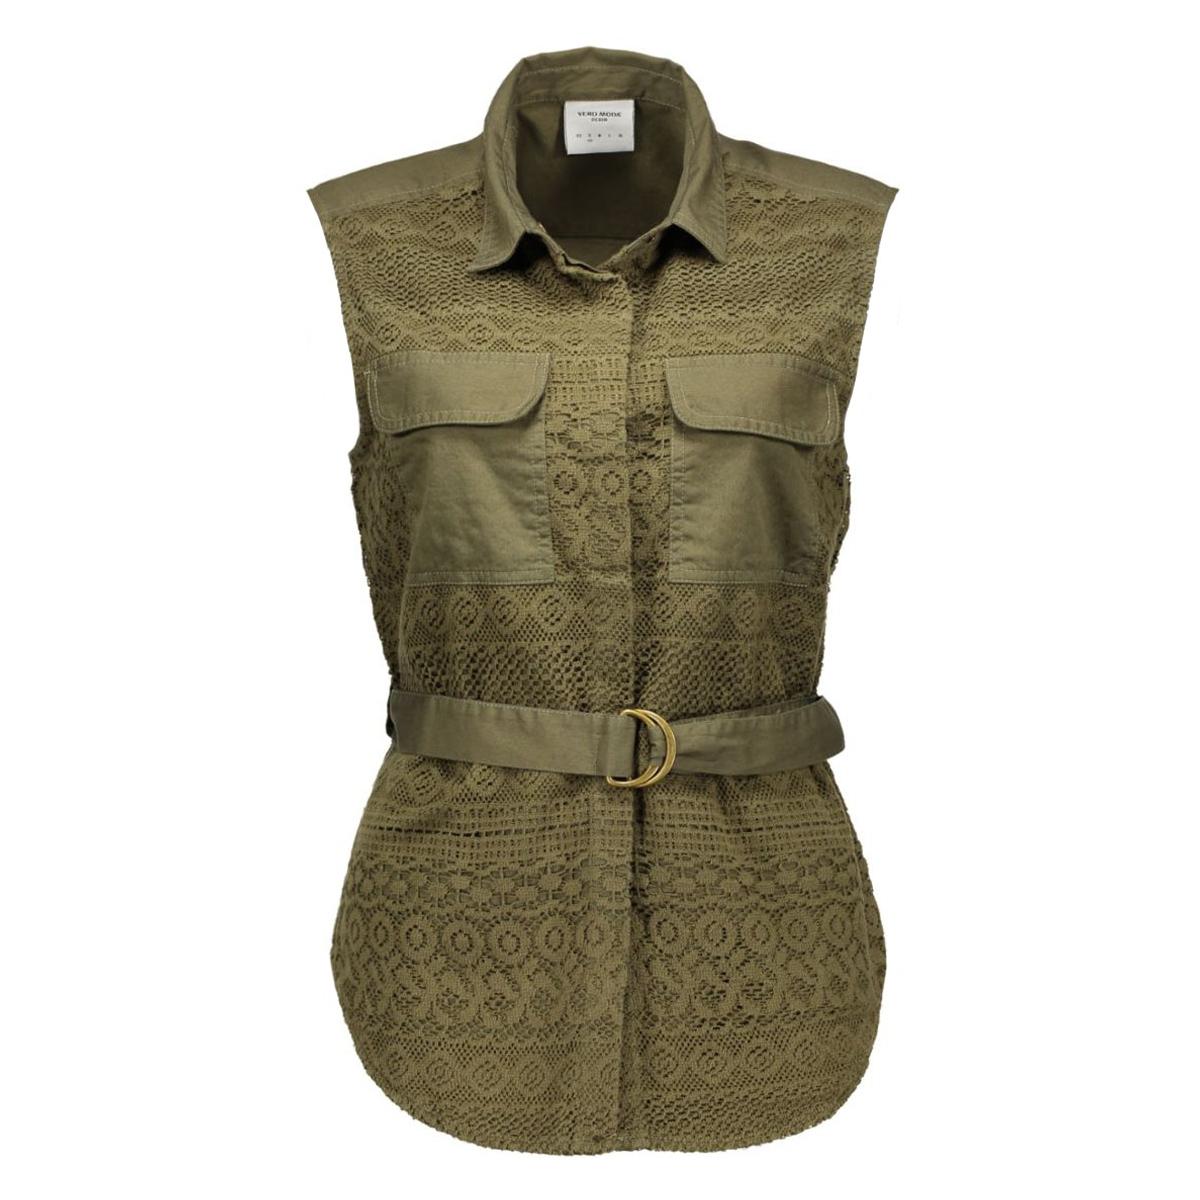 vmzoe s/l vest dnm v 10156277 vero moda gilet ivy green